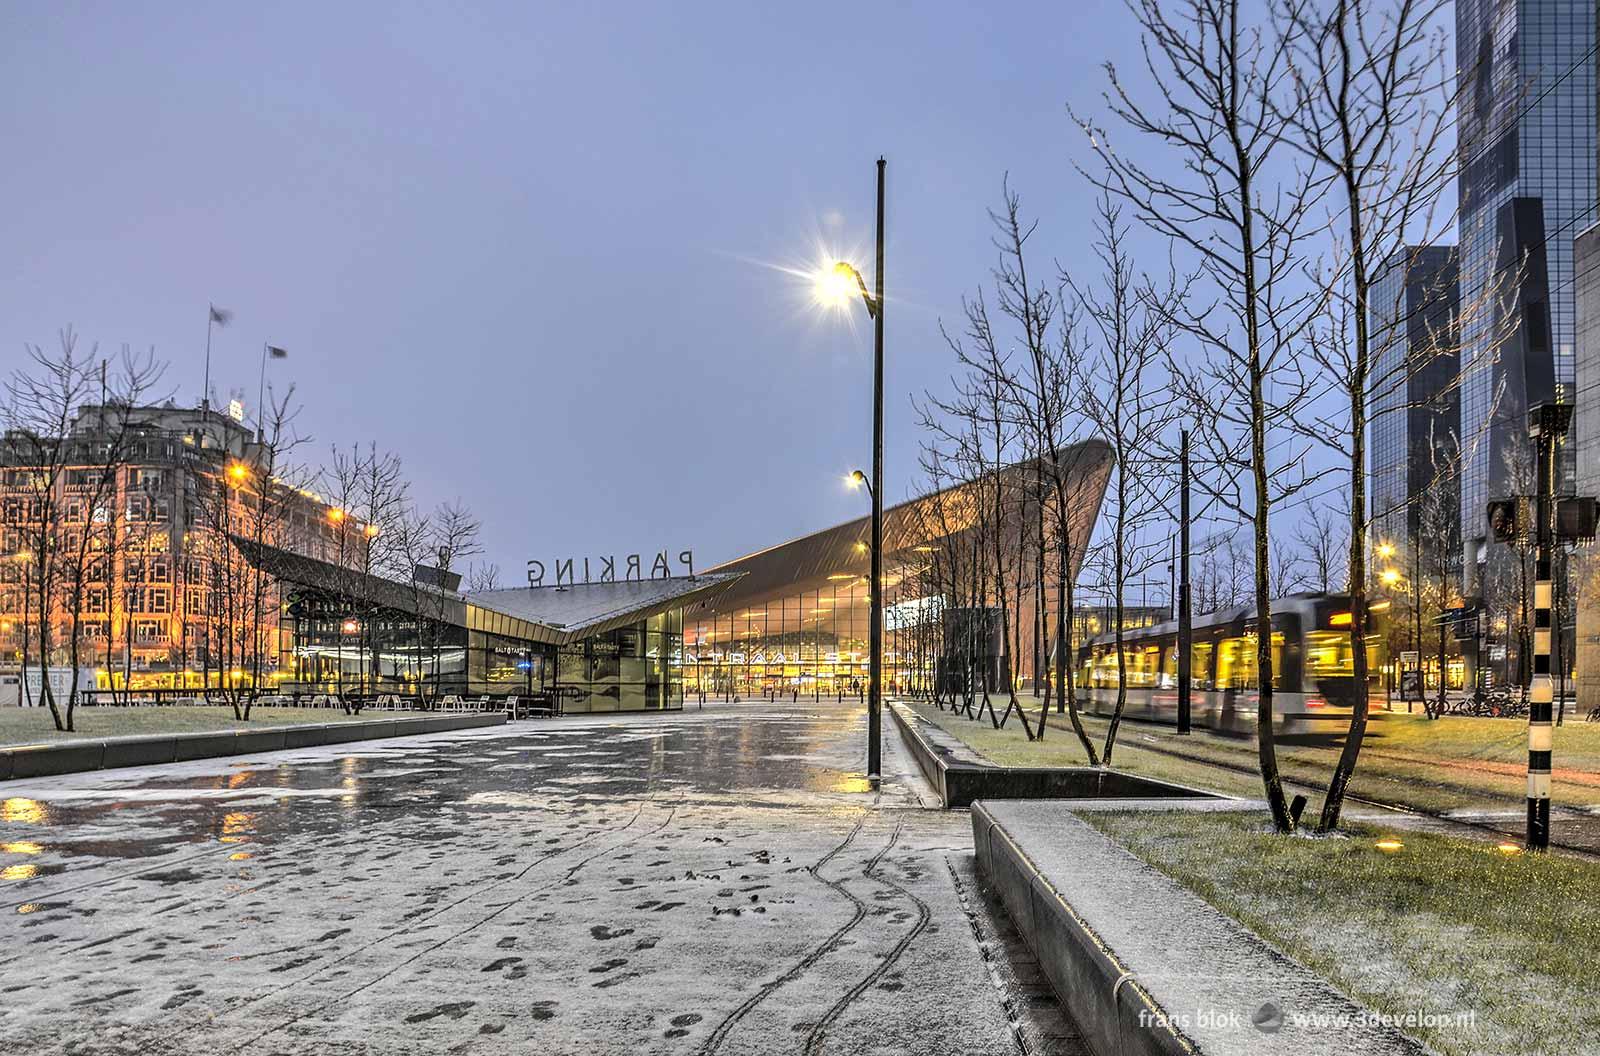 Winters beeld van het centraal station in Rotterdam in de vroege ochtend, met sneeuw en ijzel op straat en een voorbijkomende tram.